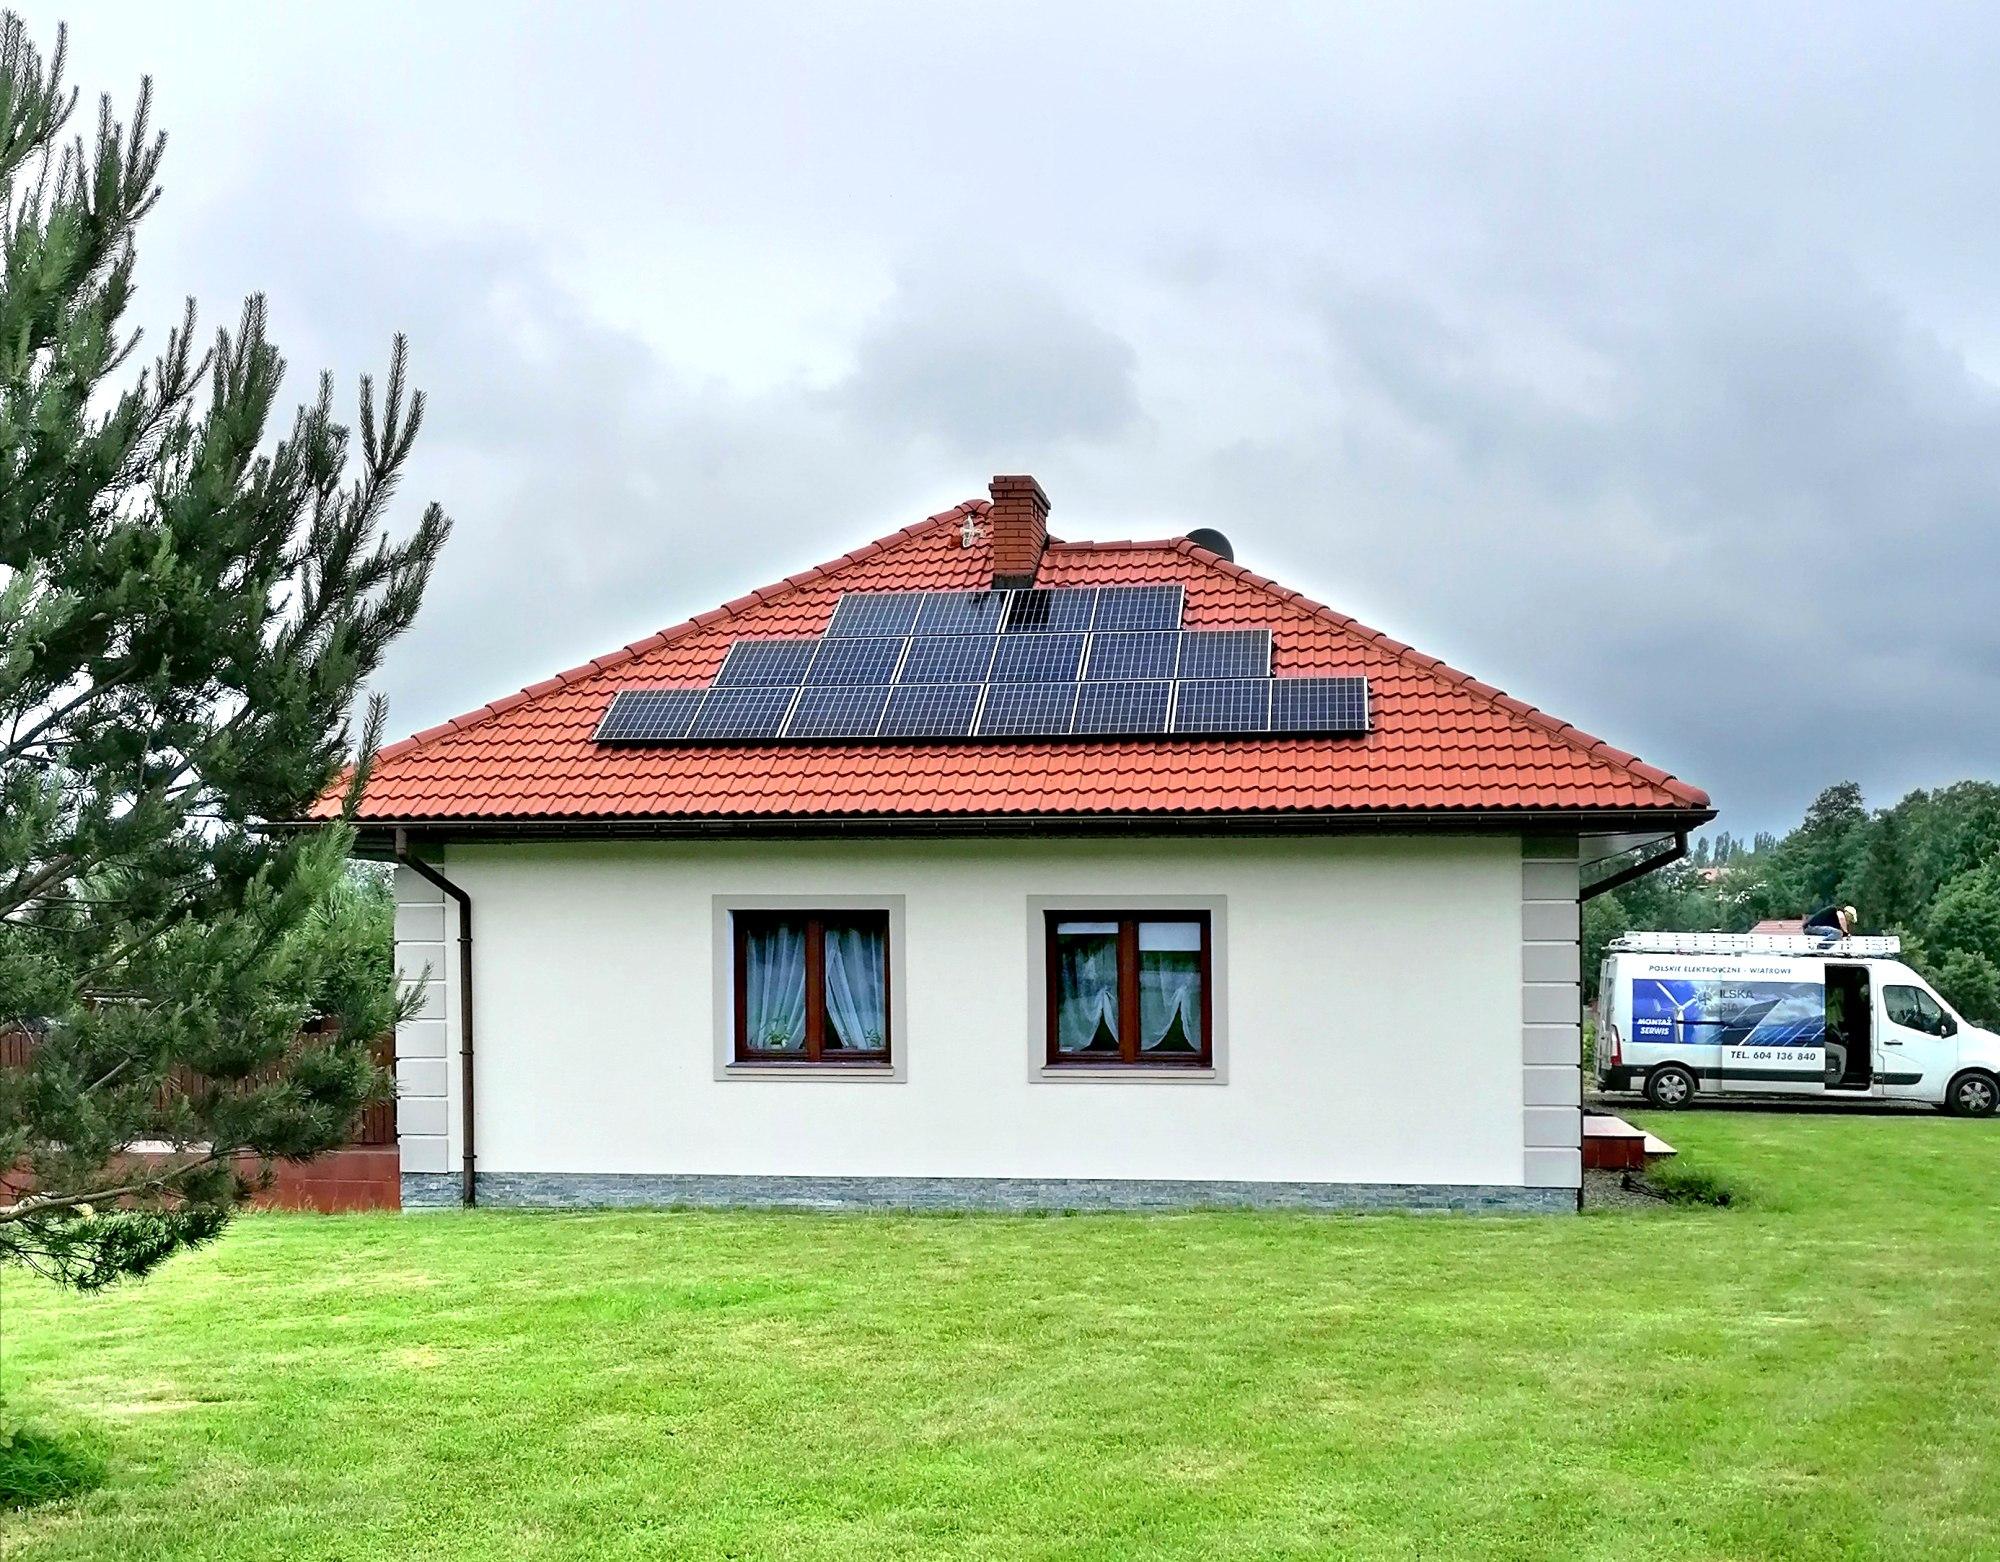 małe instalacje fotowoltaiczne 3kW Polska Energia fotowoltaika Andrychów